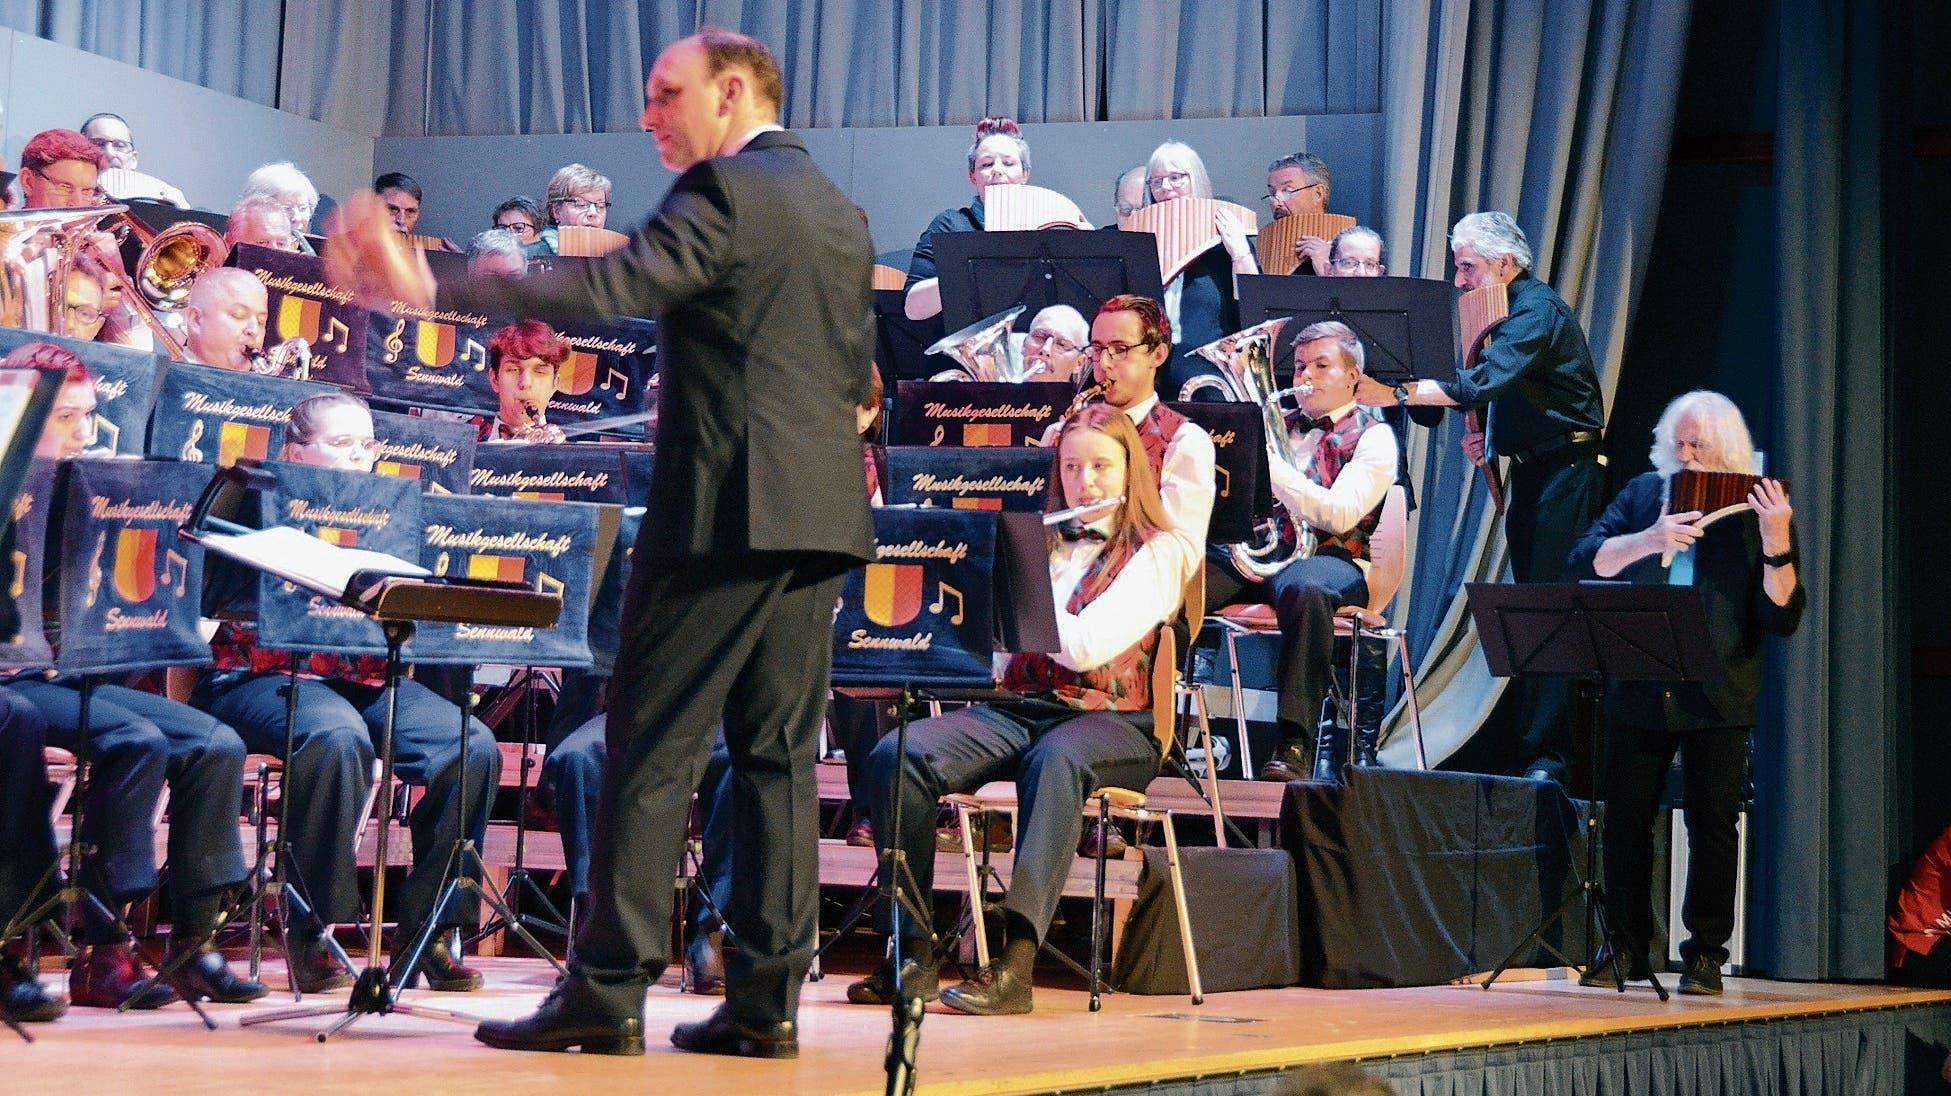 Roland Wohlwend dirigierte am Unterhaltungsabend nicht nur die Musikgesellschaft, sondern auch den Panflötenchor. (Bilder: Corinne Hanselmann)